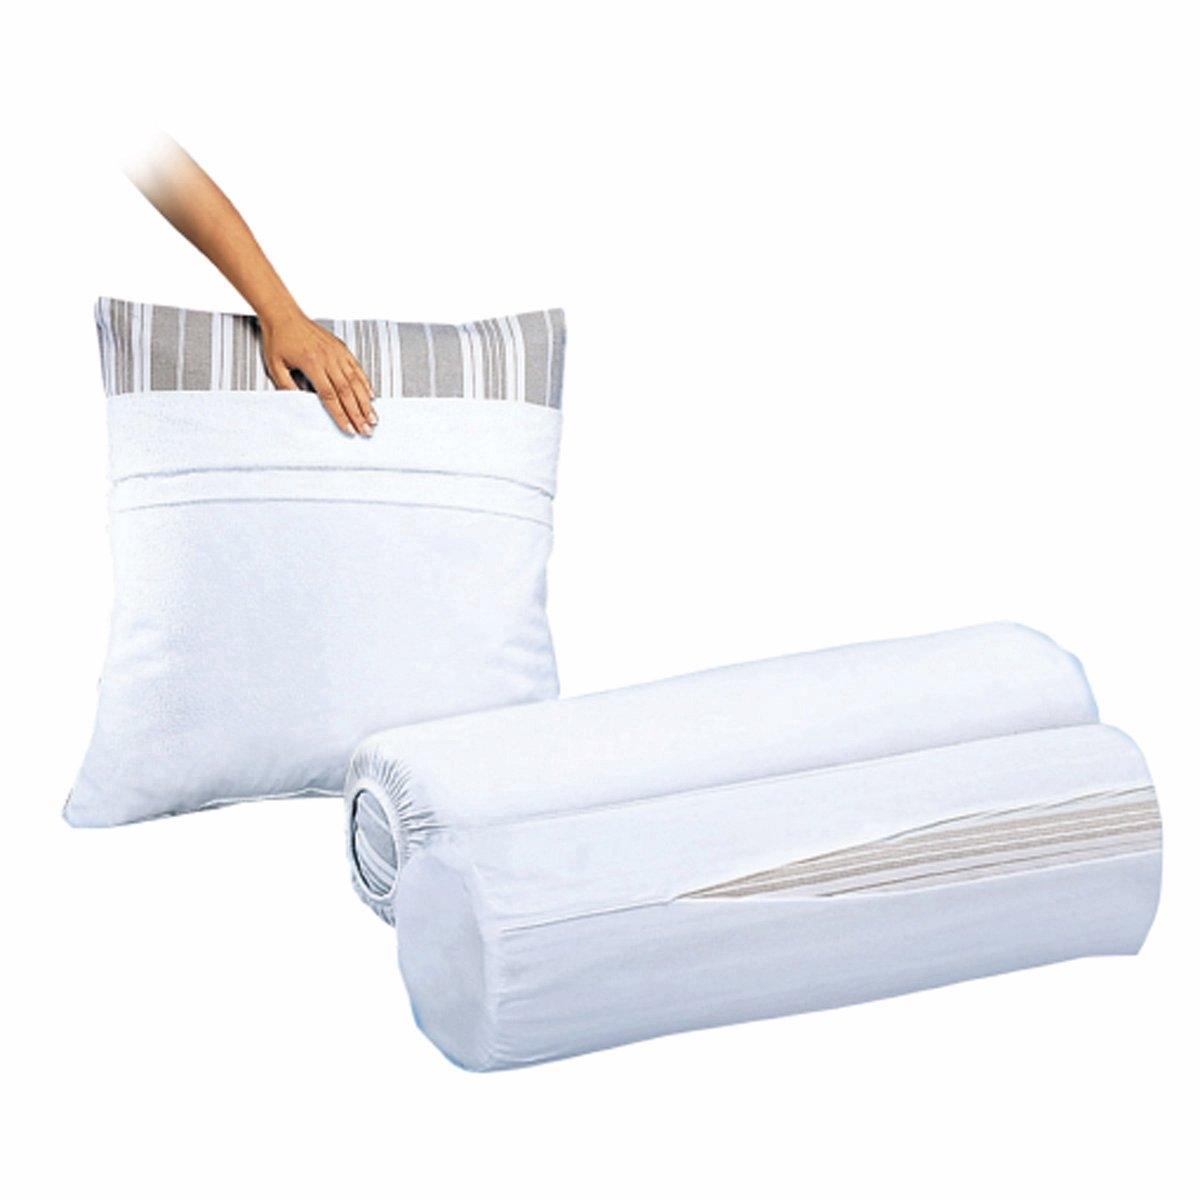 2 чехла защитных для подушекДжерси, 100% хлопка. С клапаном для подушек, с эластичными краями для валиков. Стирка при 95°. В комплекте 2 чехла.<br><br>Цвет: белый